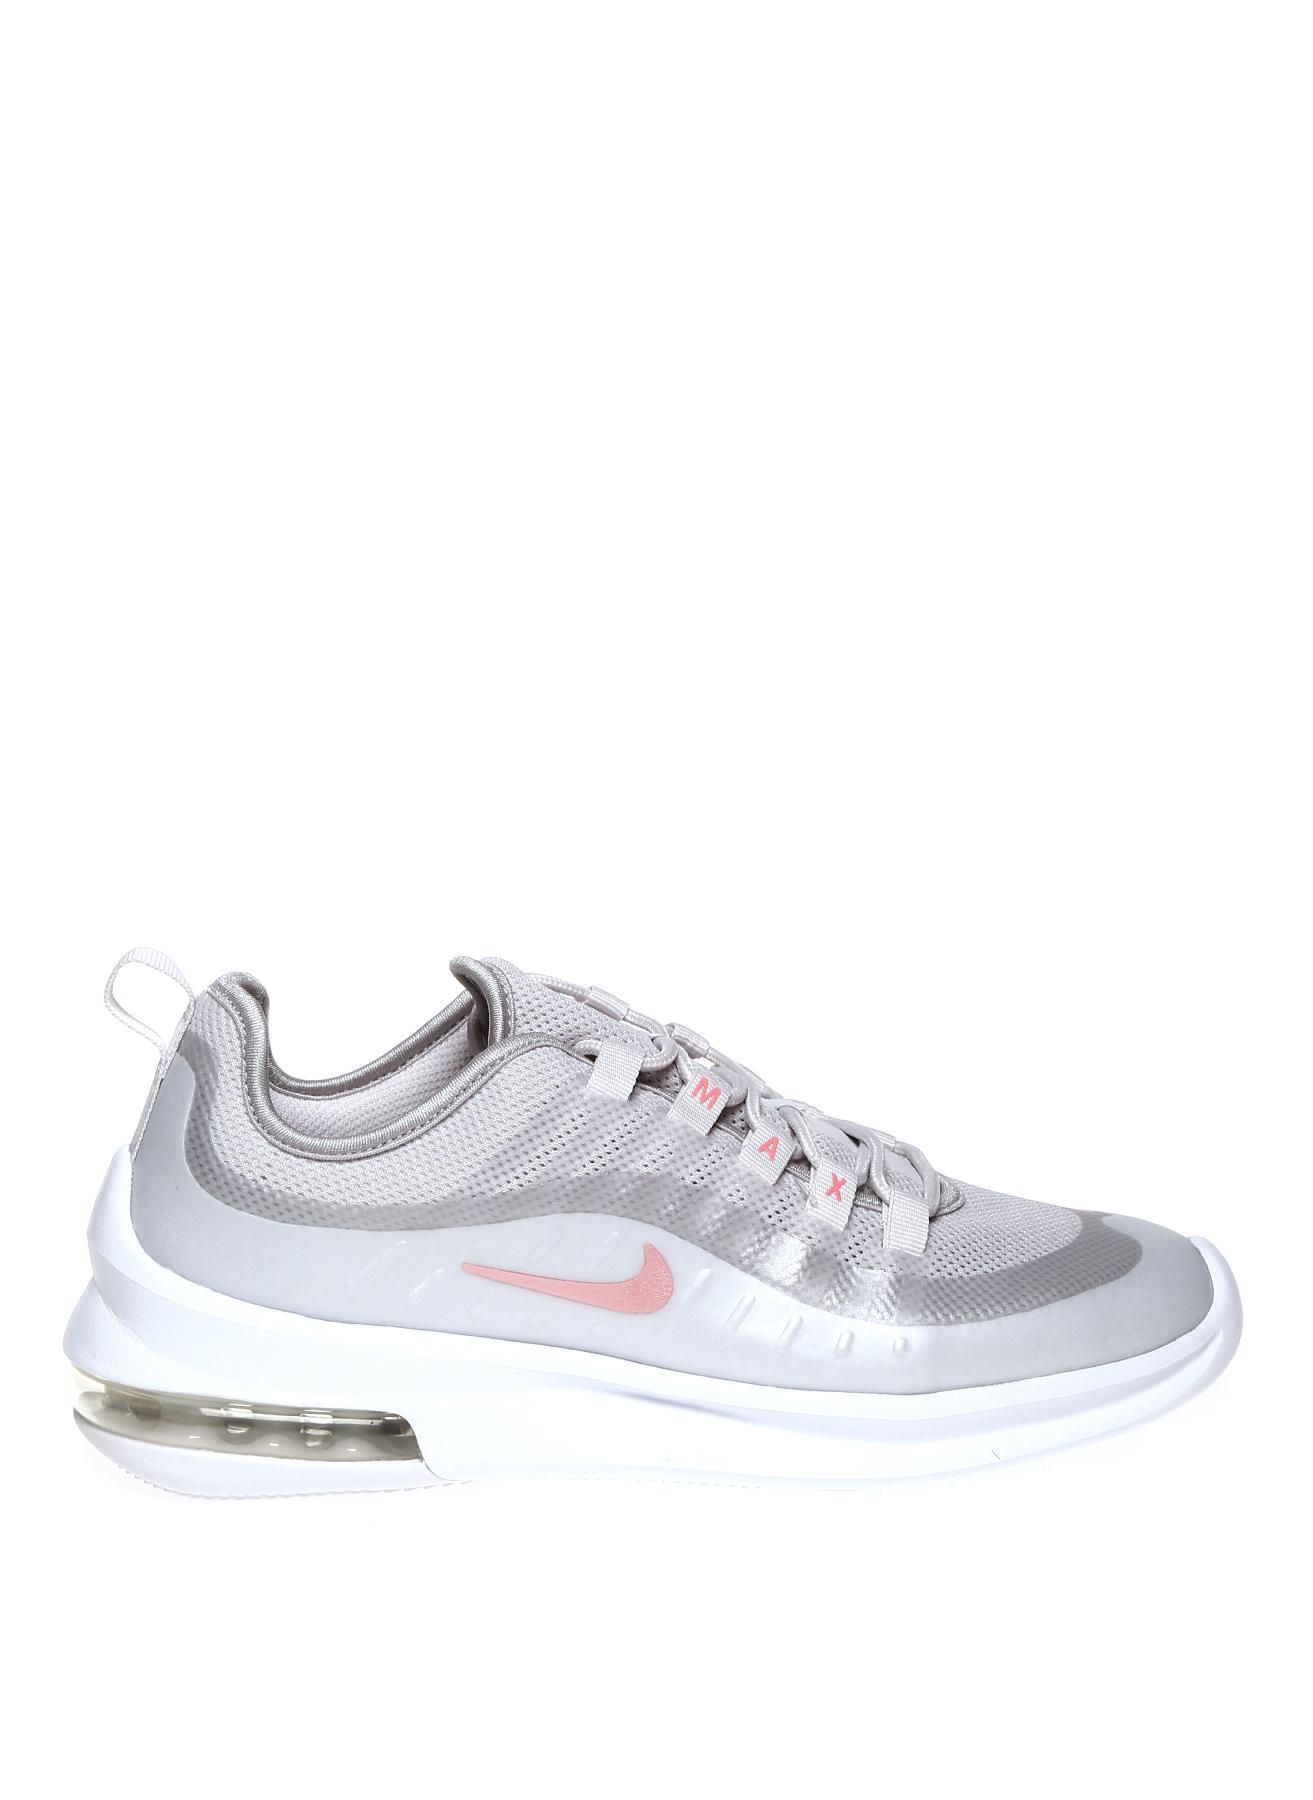 Nike Air Mac Axis Lifestyle Ayakkabı 39 5002328731006 Ürün Resmi